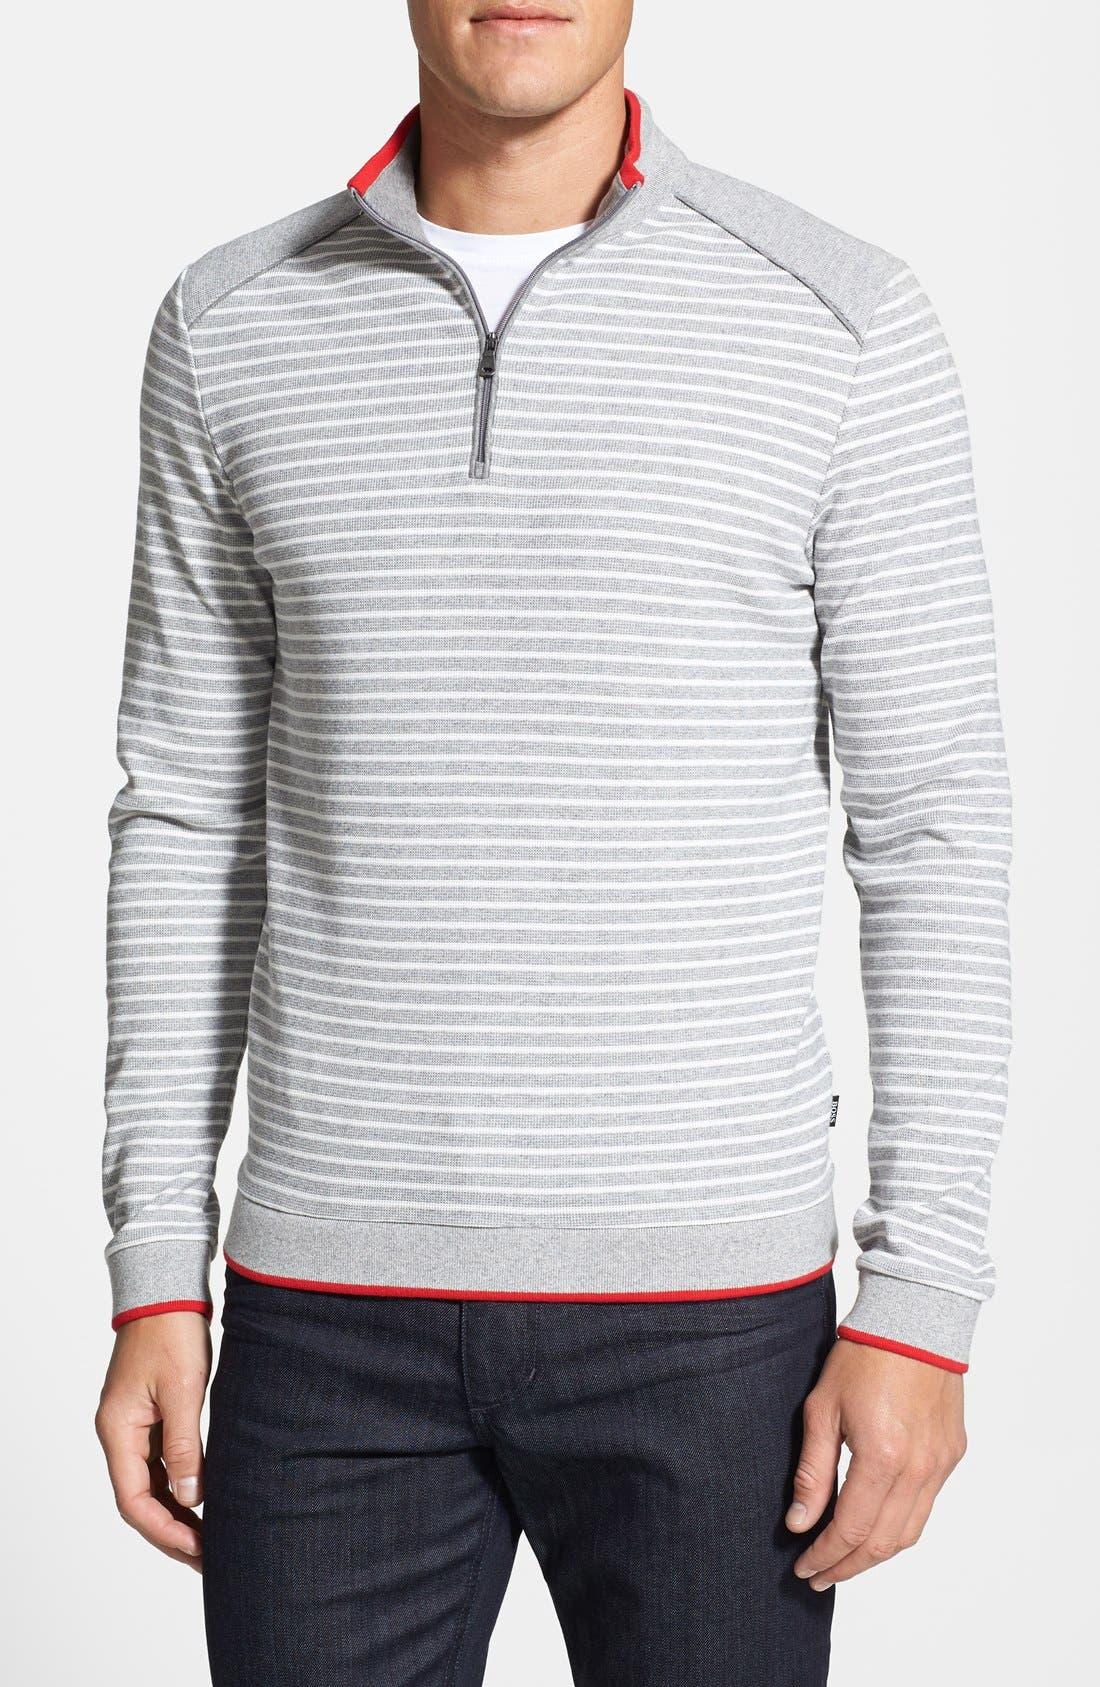 Alternate Image 1 Selected - BOSS HUGO BOSS 'Vittorito' Quarter Zip Stripe Pullover